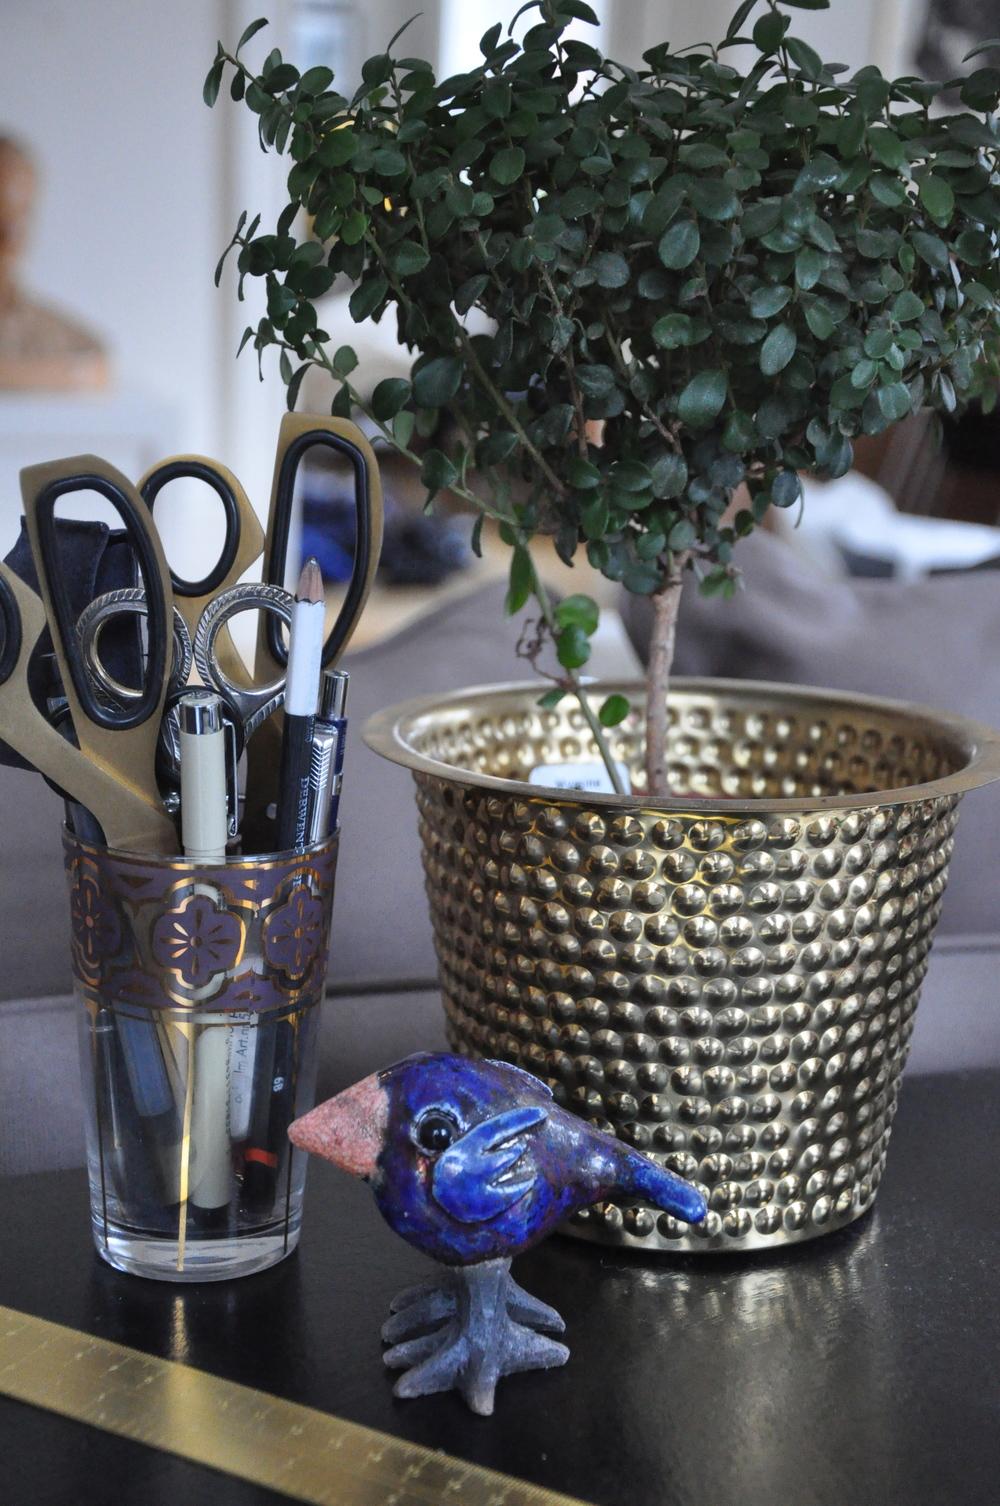 Teglas från Indiska, blomma i Hortuskruka -Svenskt Tenn, keramikfågel och linjal - Tom Dixon.   Foto:  Palatsliv